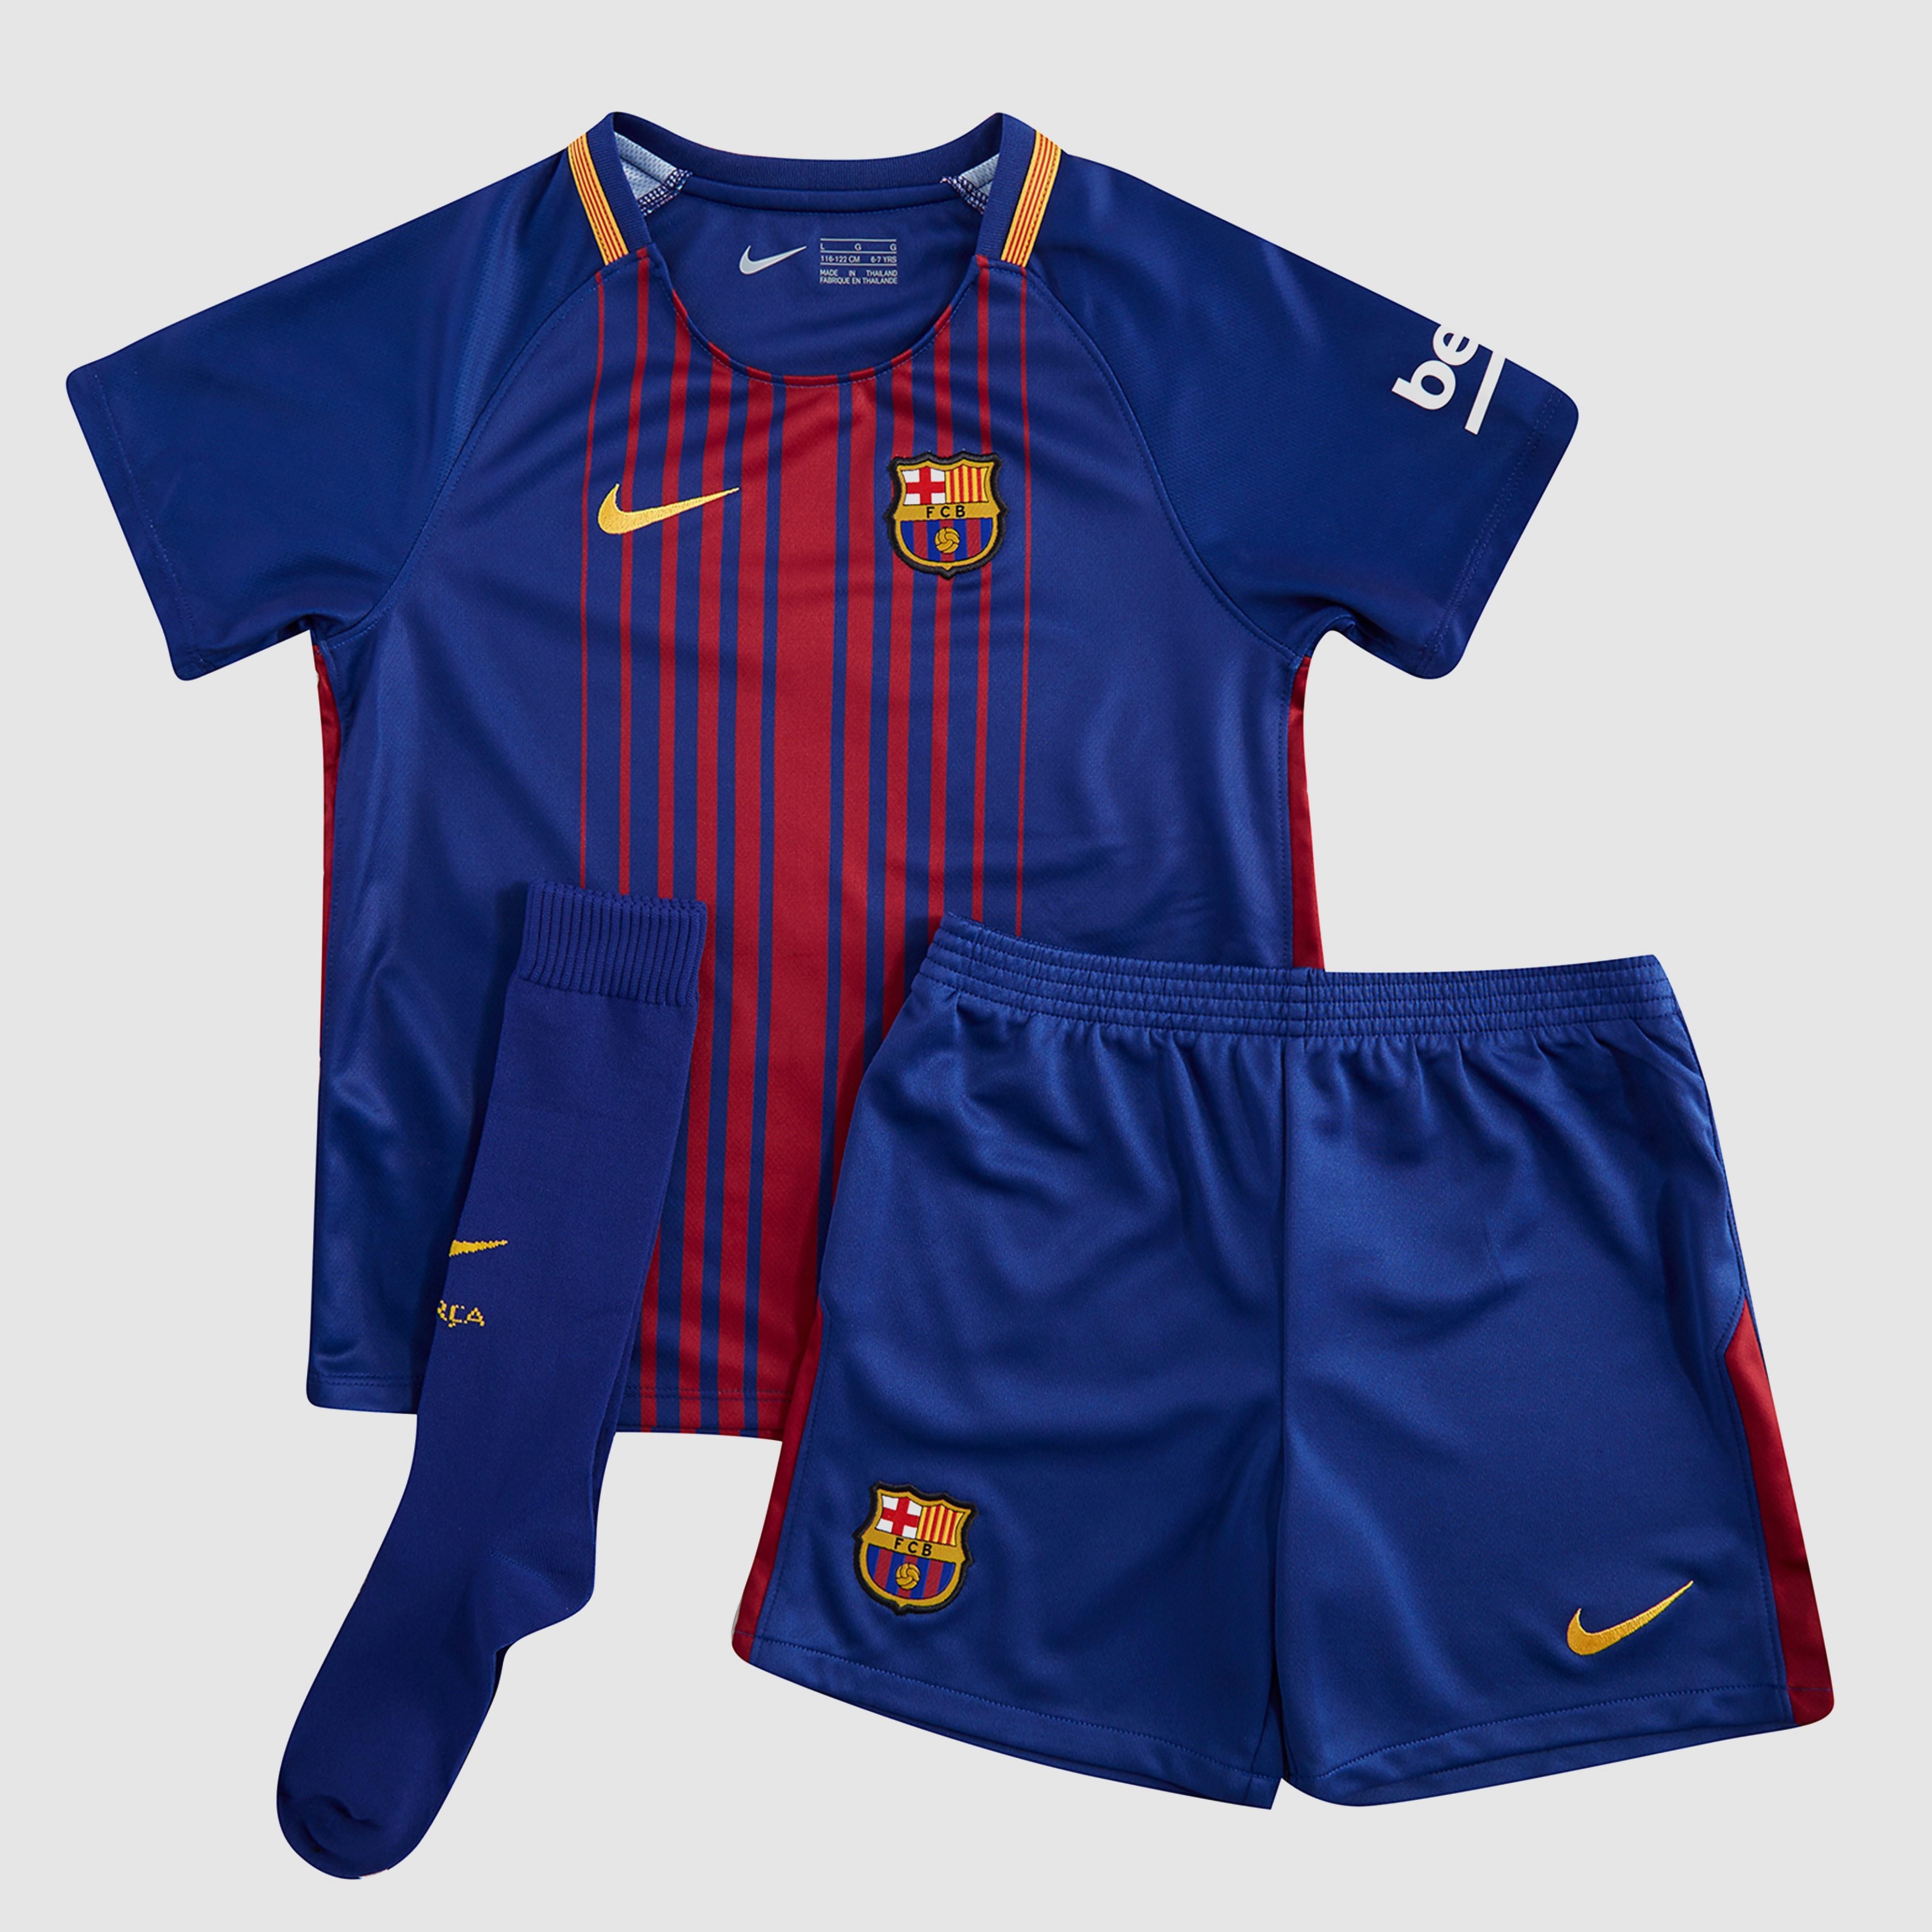 Nike Barcelona 2017/18 Children's Home Kit